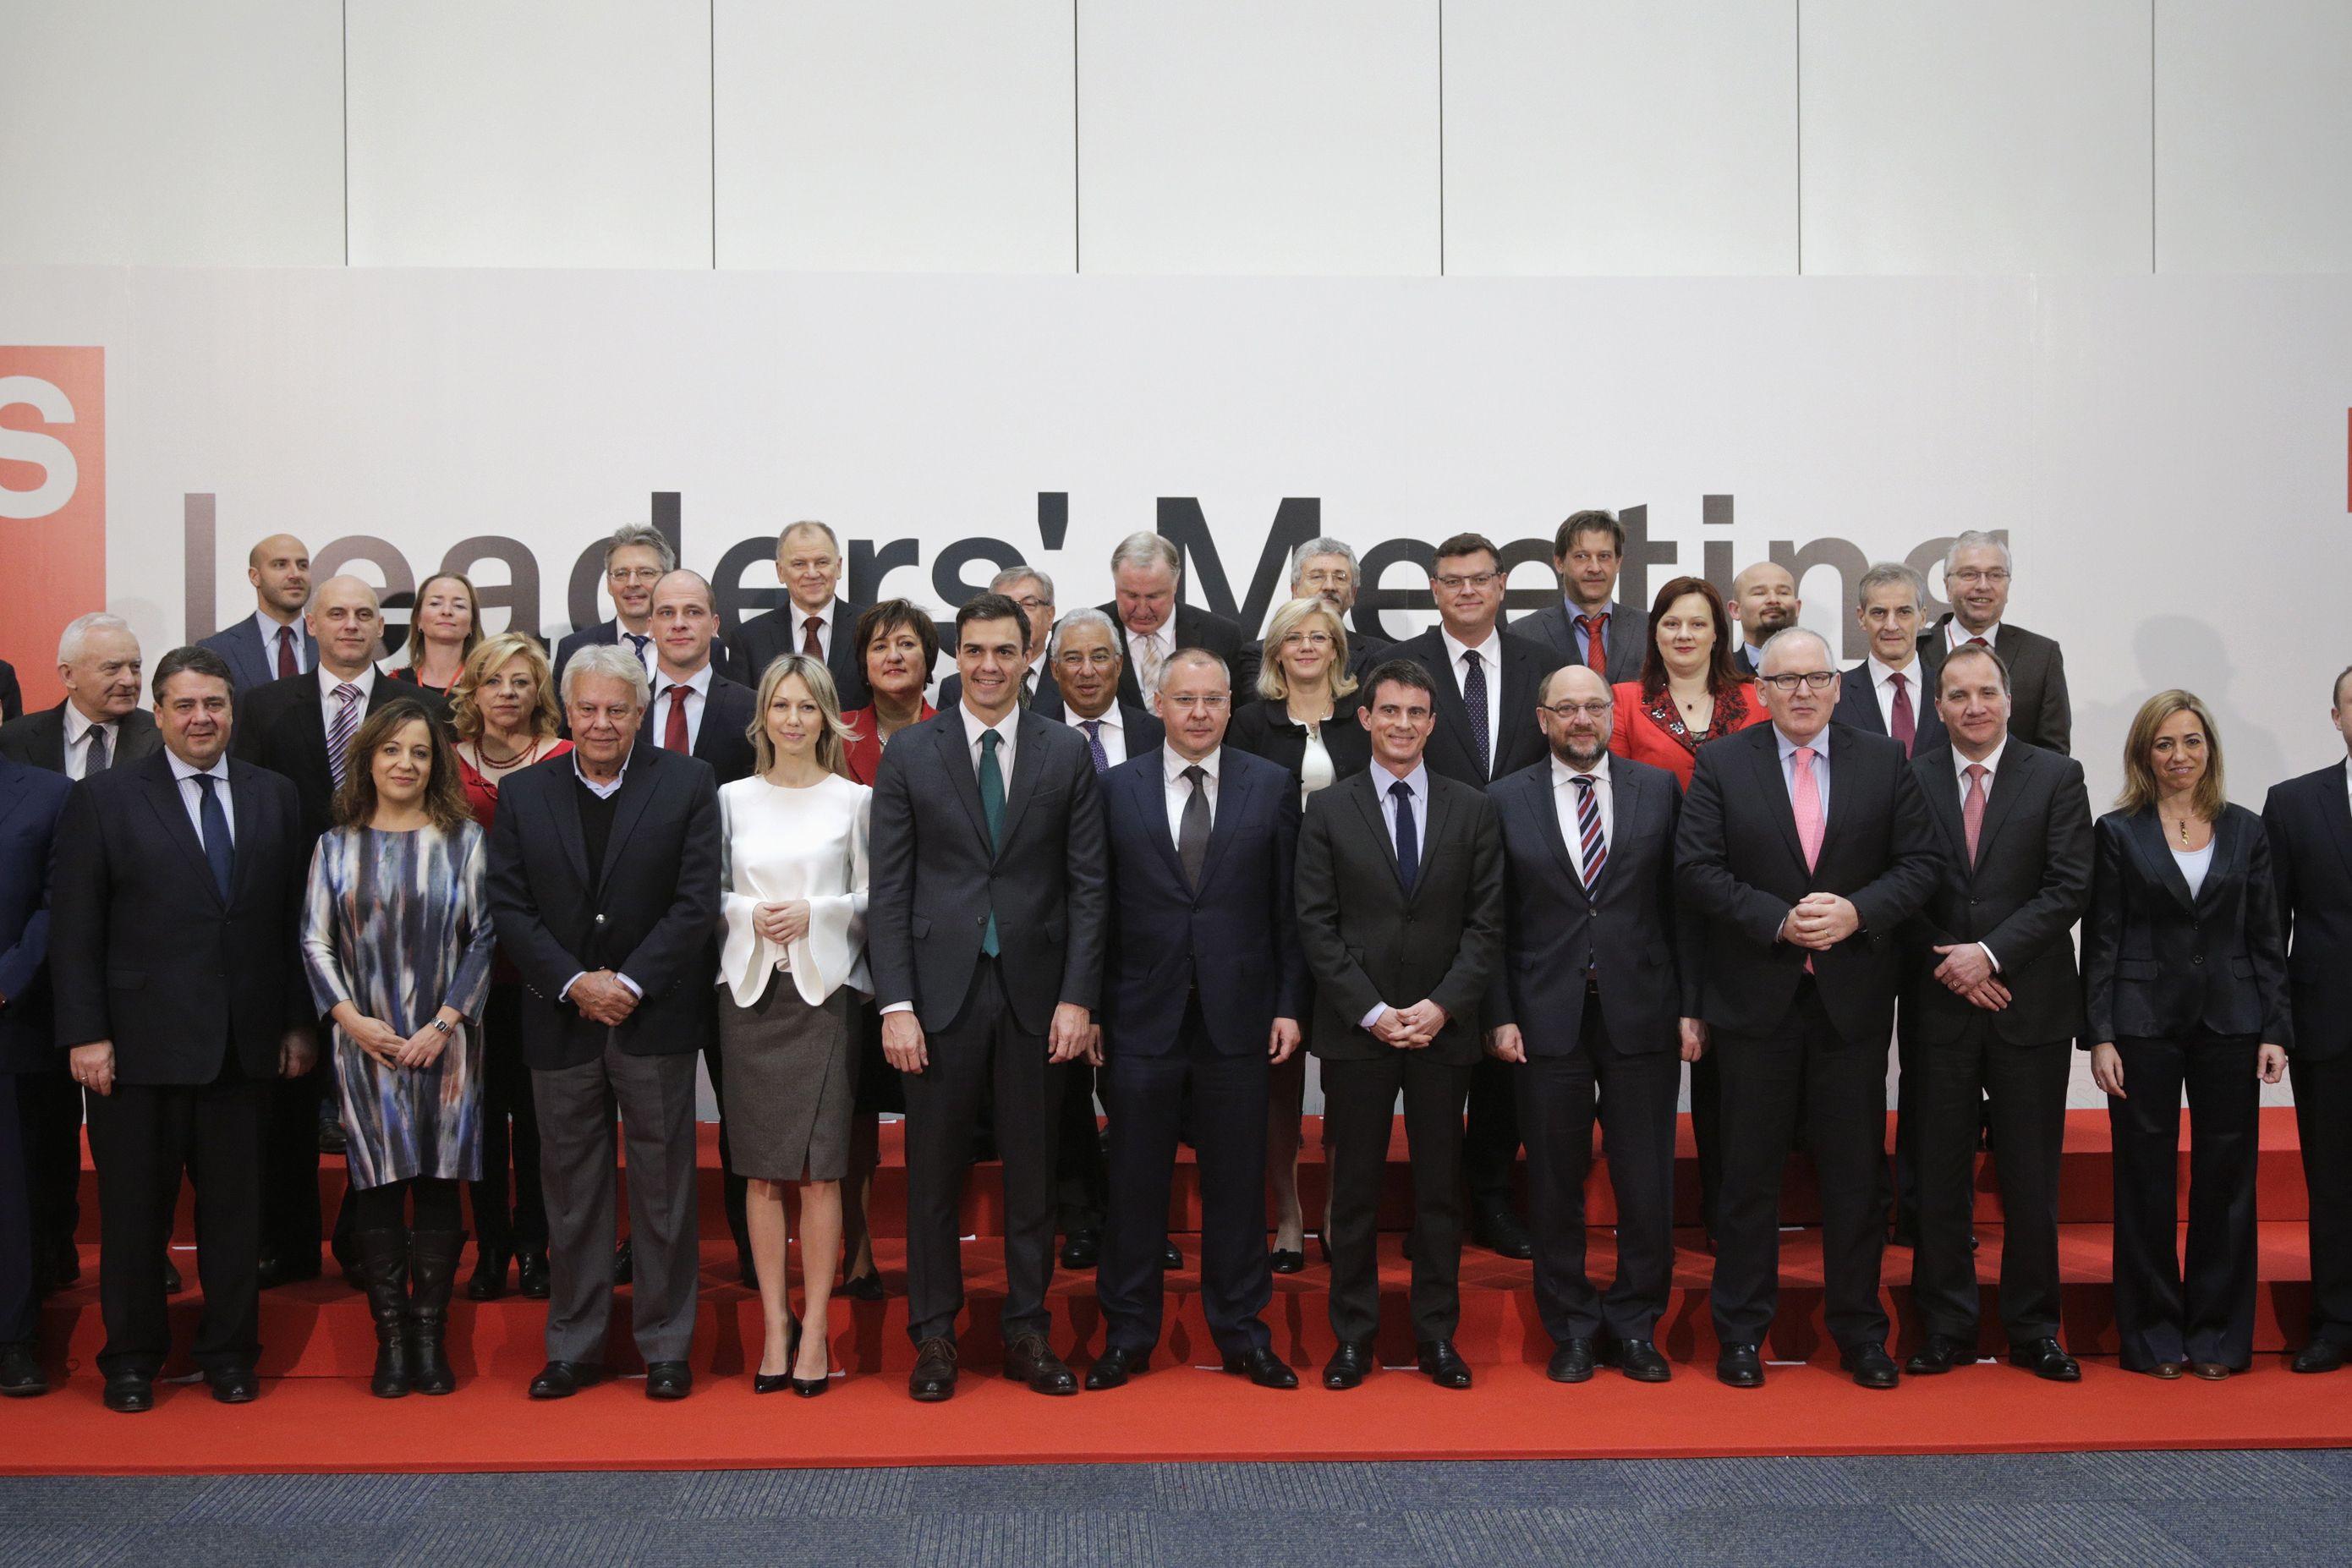 XI Congresso do Partido Socialista Europeu arranca hoje em Lisboa